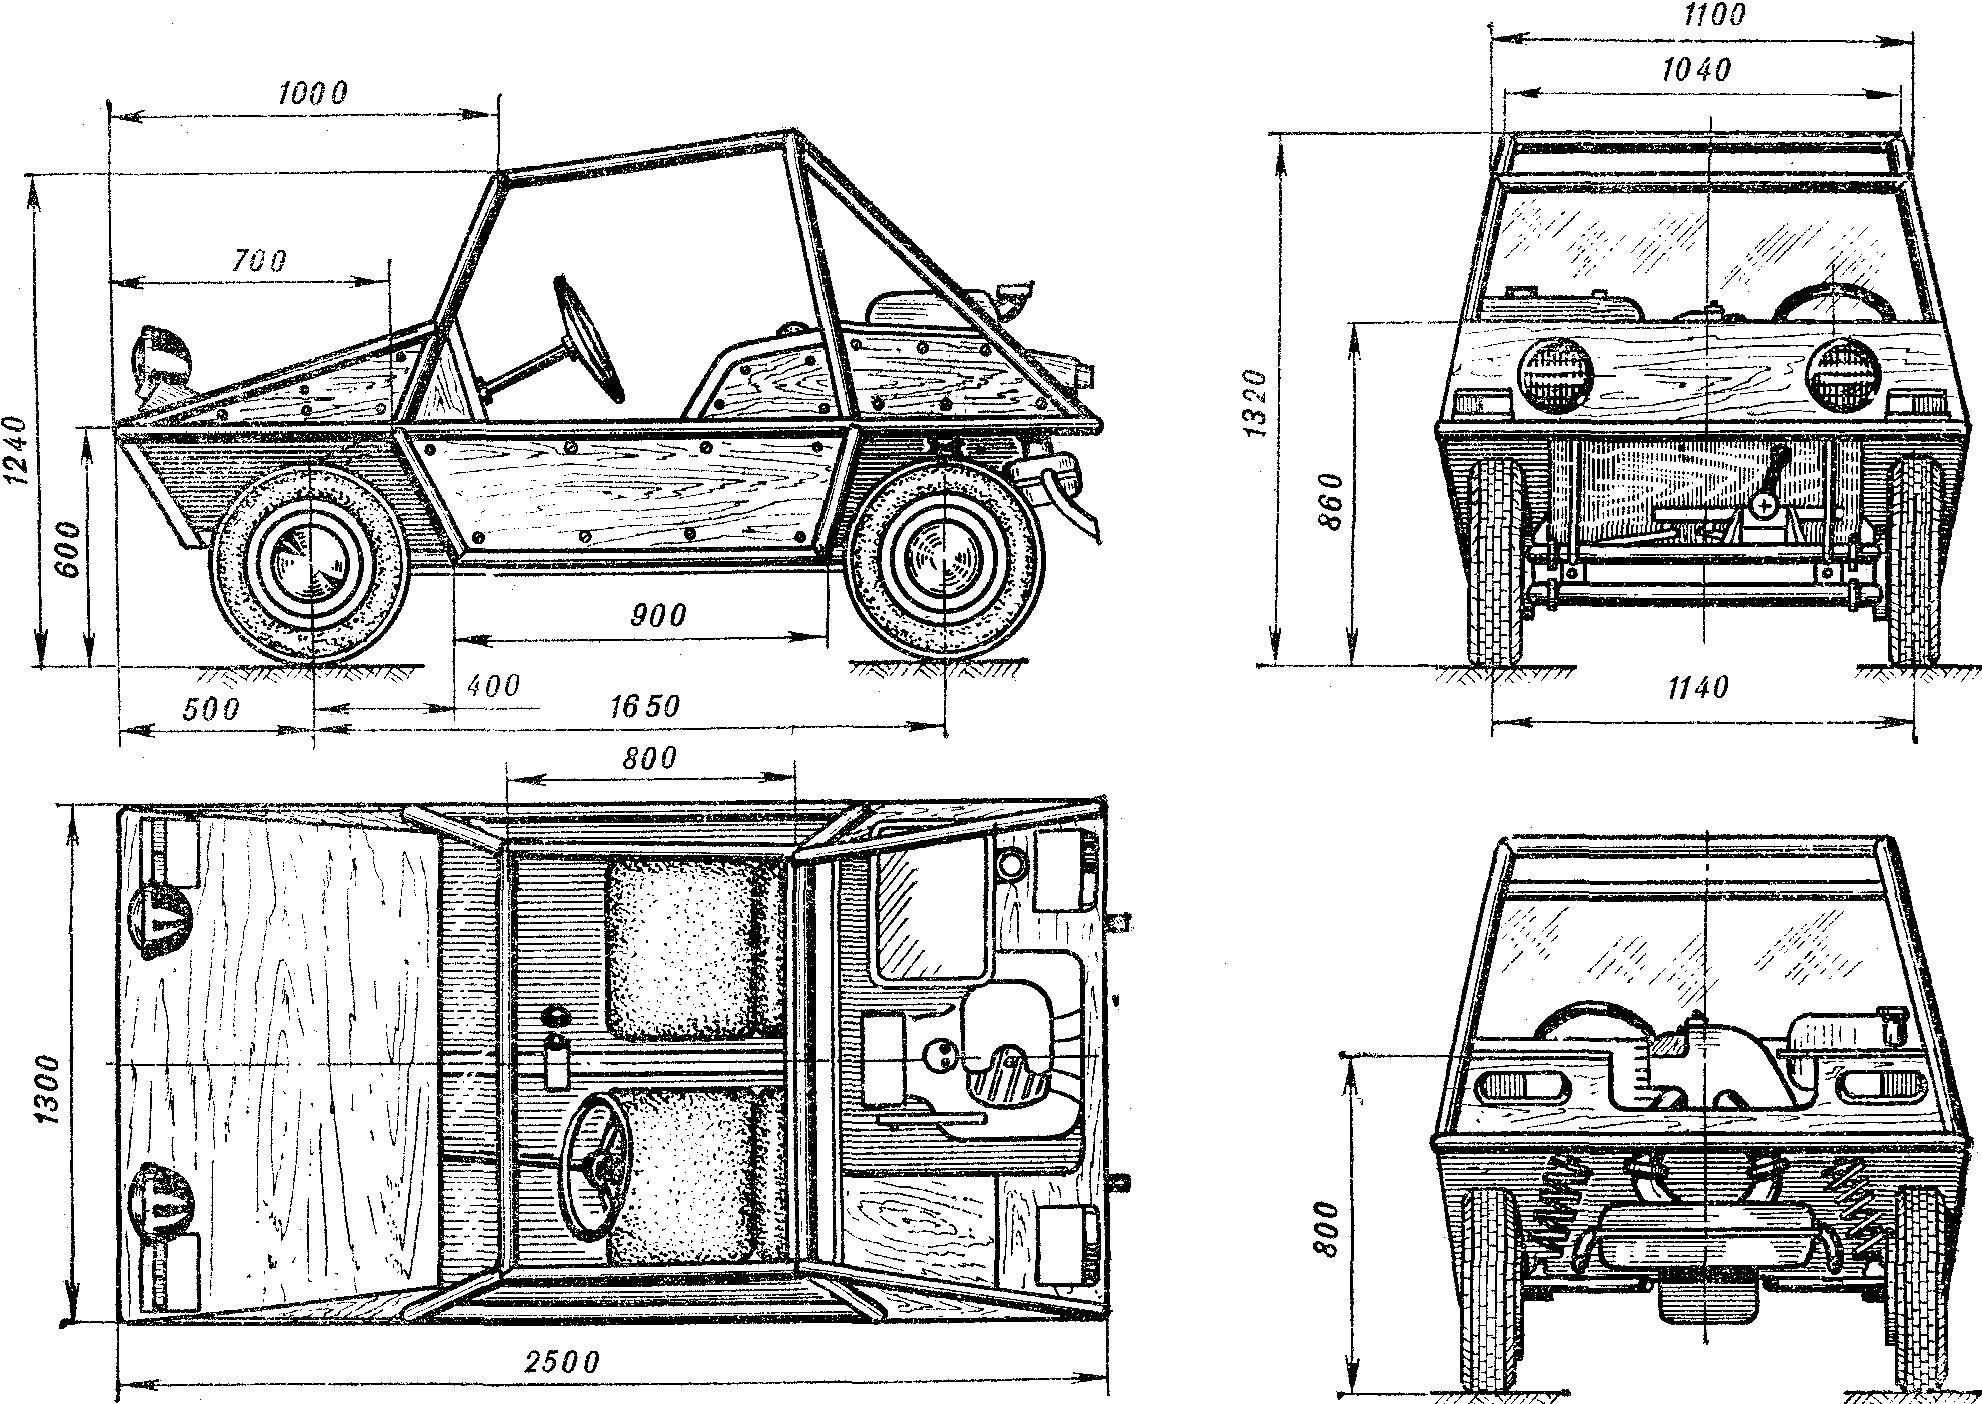 Рис. 1. Общий вид спортивного автомобиля багги-350.